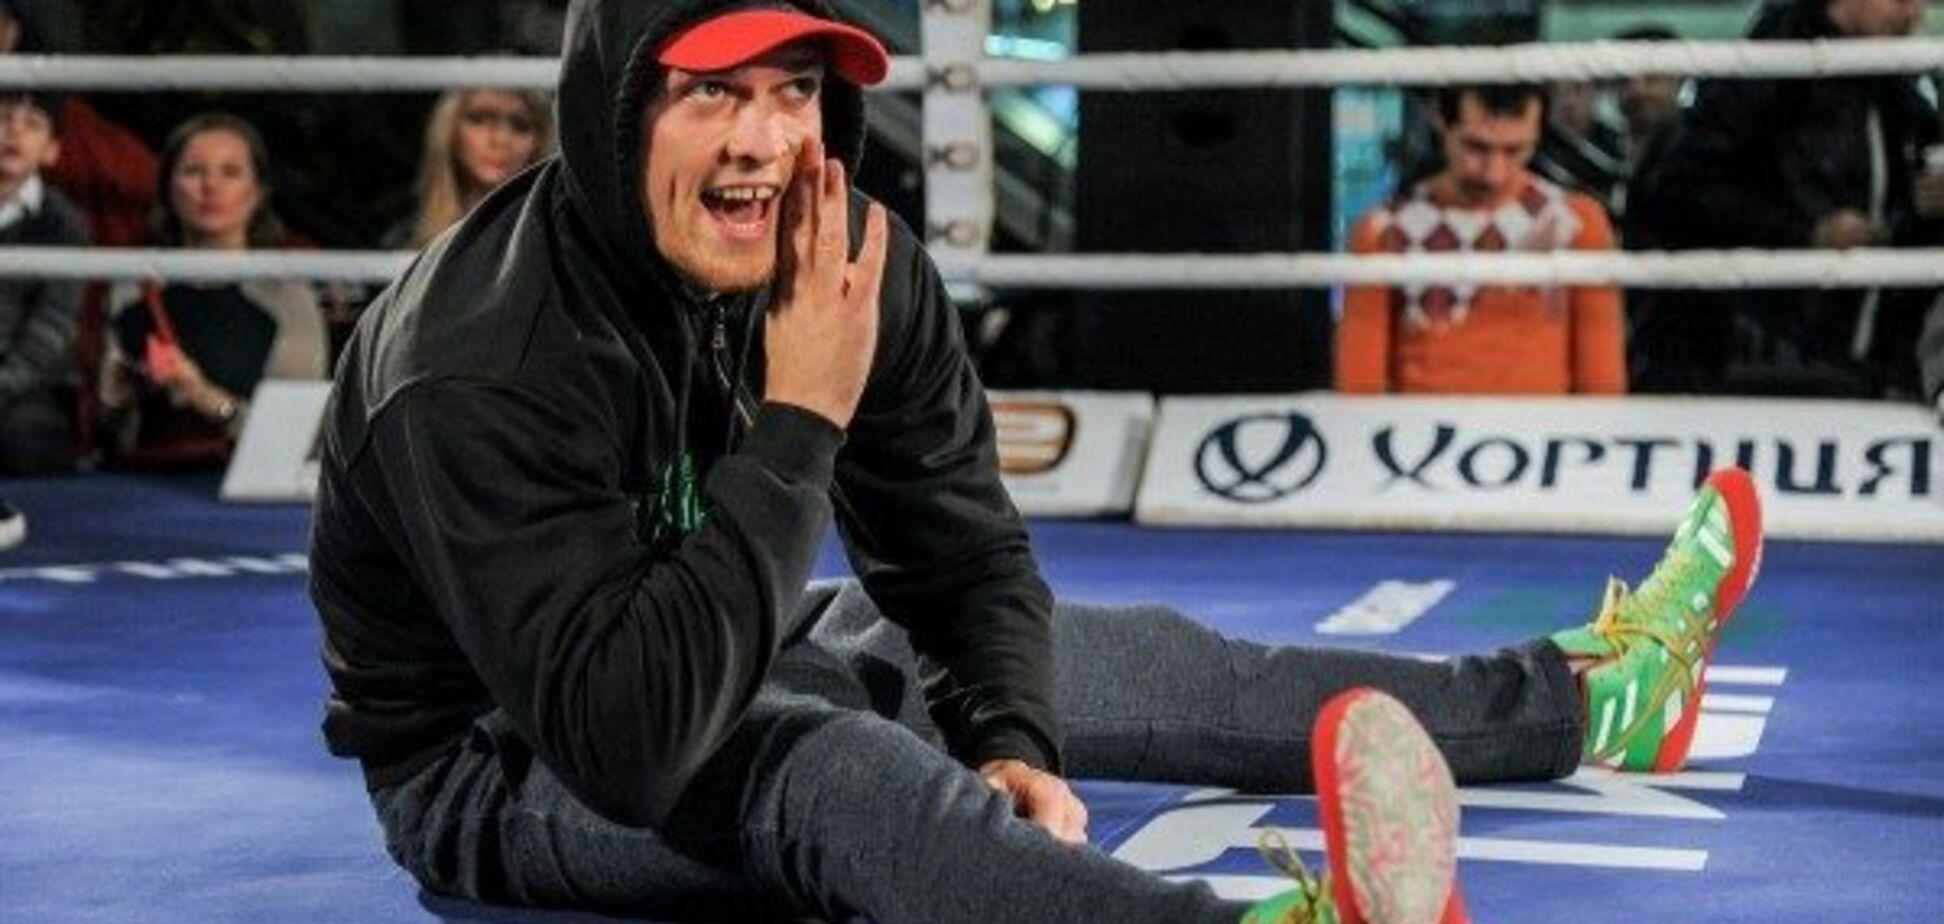 Сильнейший боксер России столкнулся с Усиком на тренировке - фотофакт